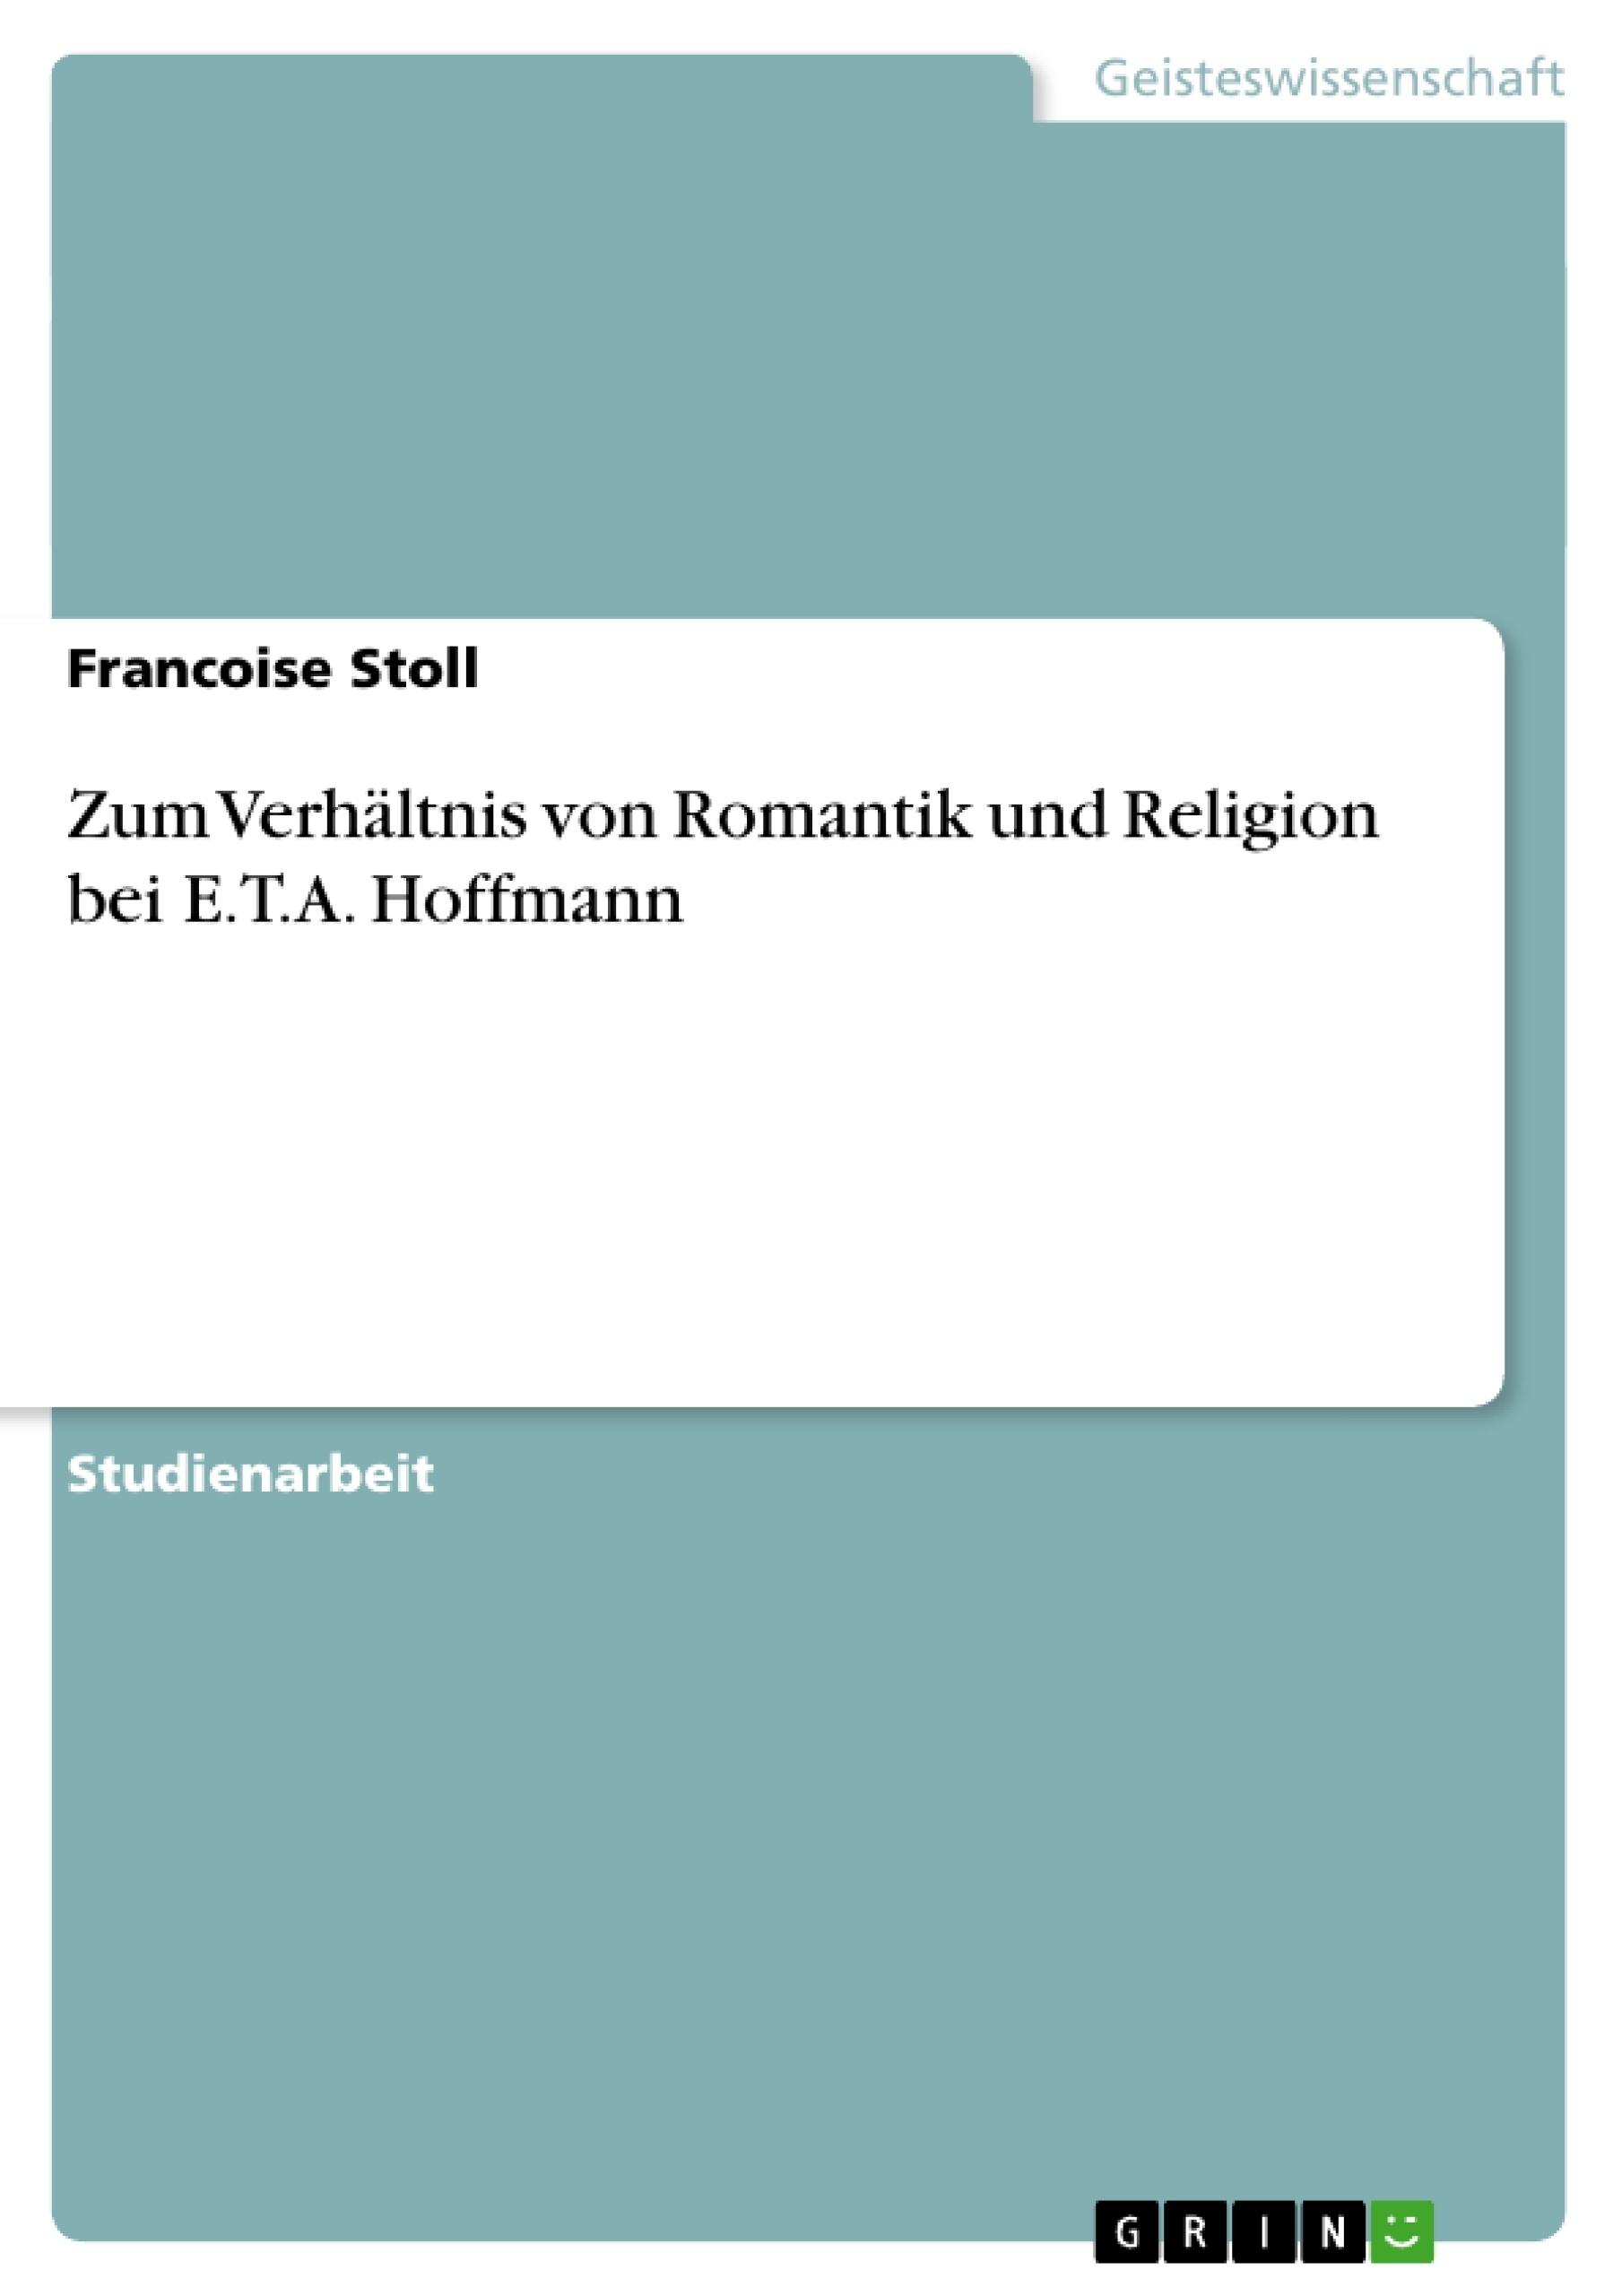 Titel: Zum Verhältnis von Romantik und Religion bei E.T.A. Hoffmann